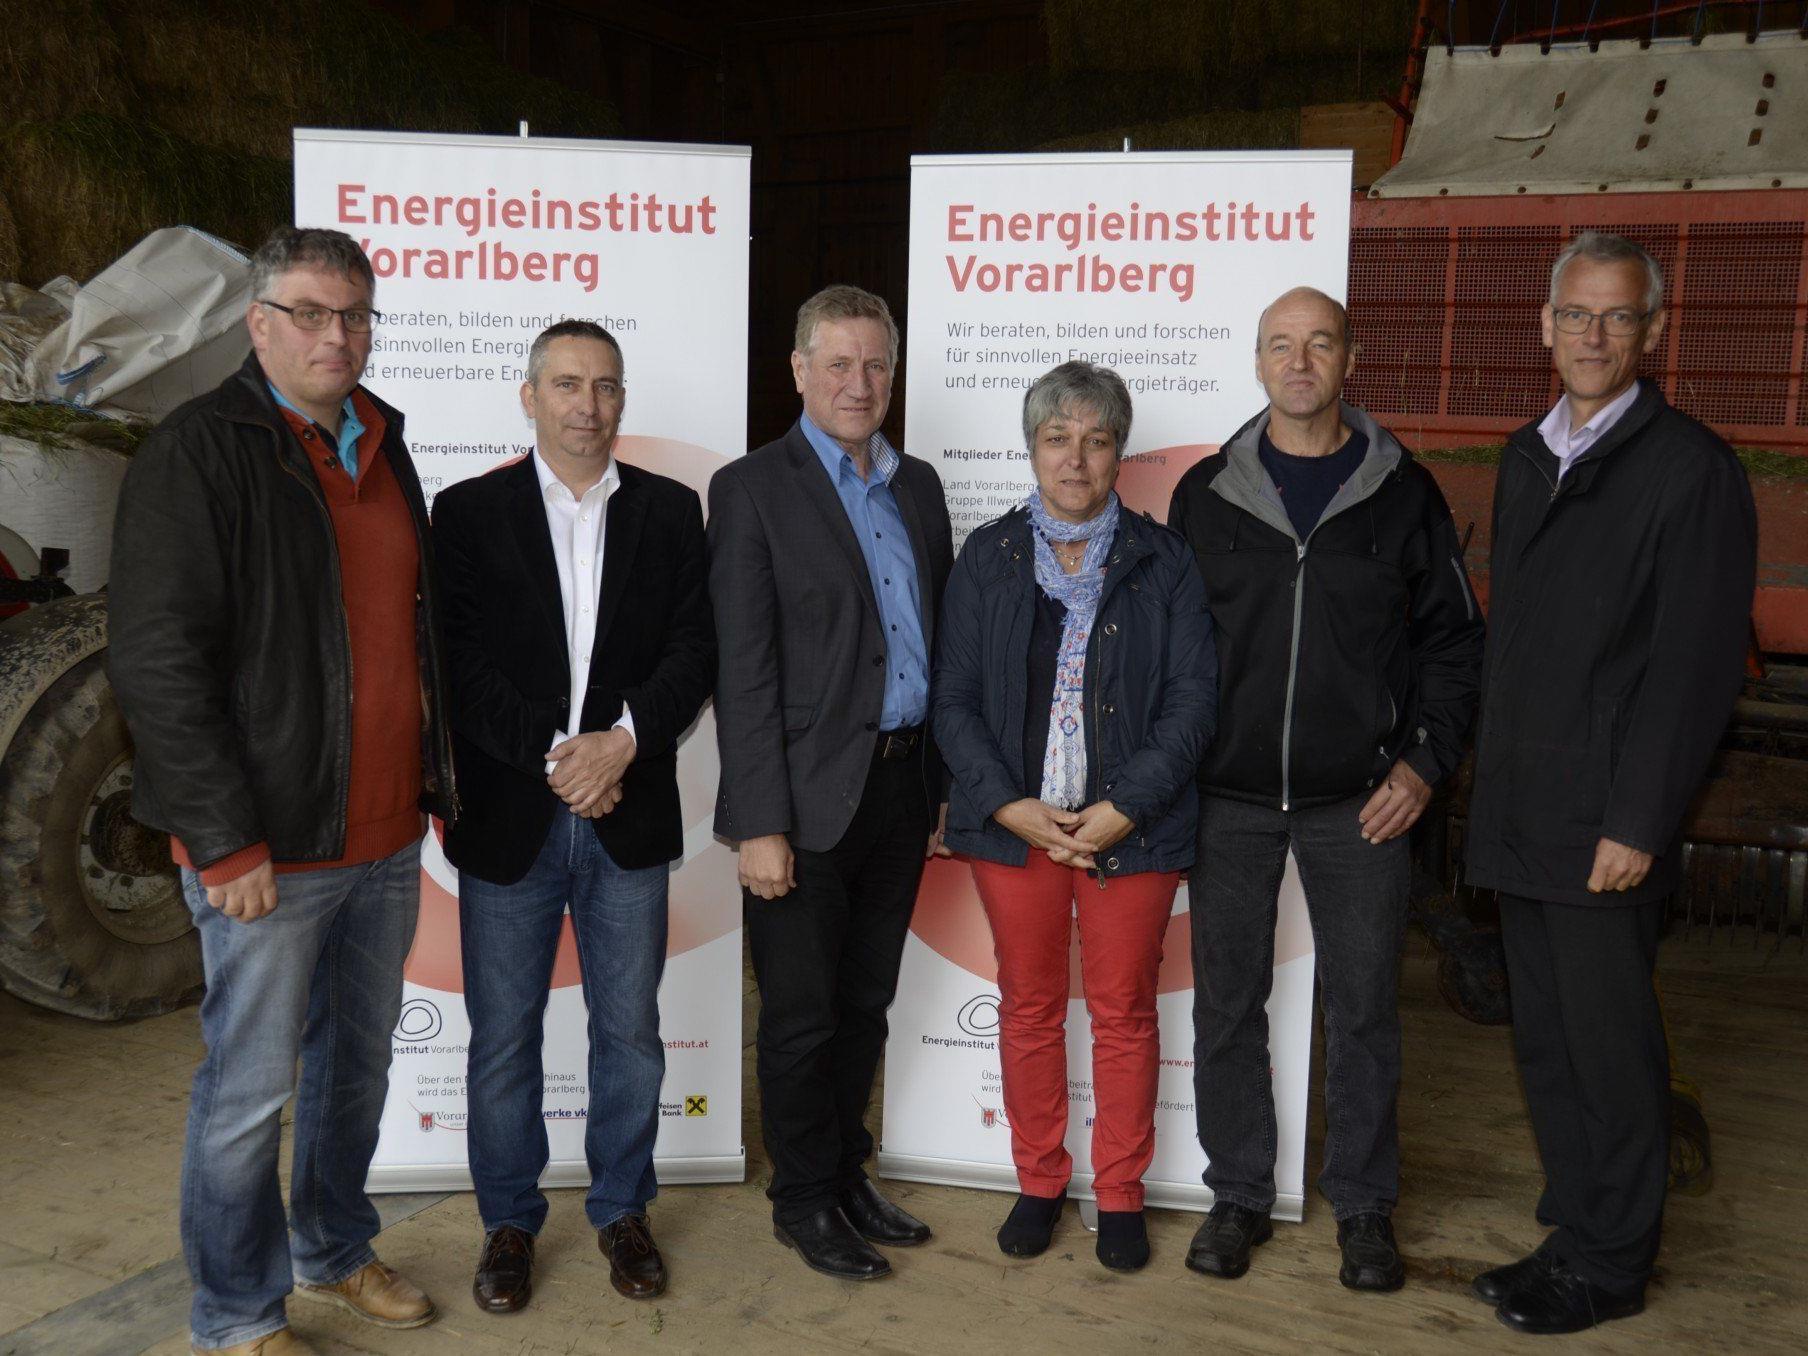 """""""In 35 Jahren soll in Vorarlberg pro Jahr nur mehr so viel Energie benötigt werden, wie innerhalb der Landesgrenzen bereitgestellt werden kann."""" Foto: Die Teilnehmer der Pressekonferenz."""